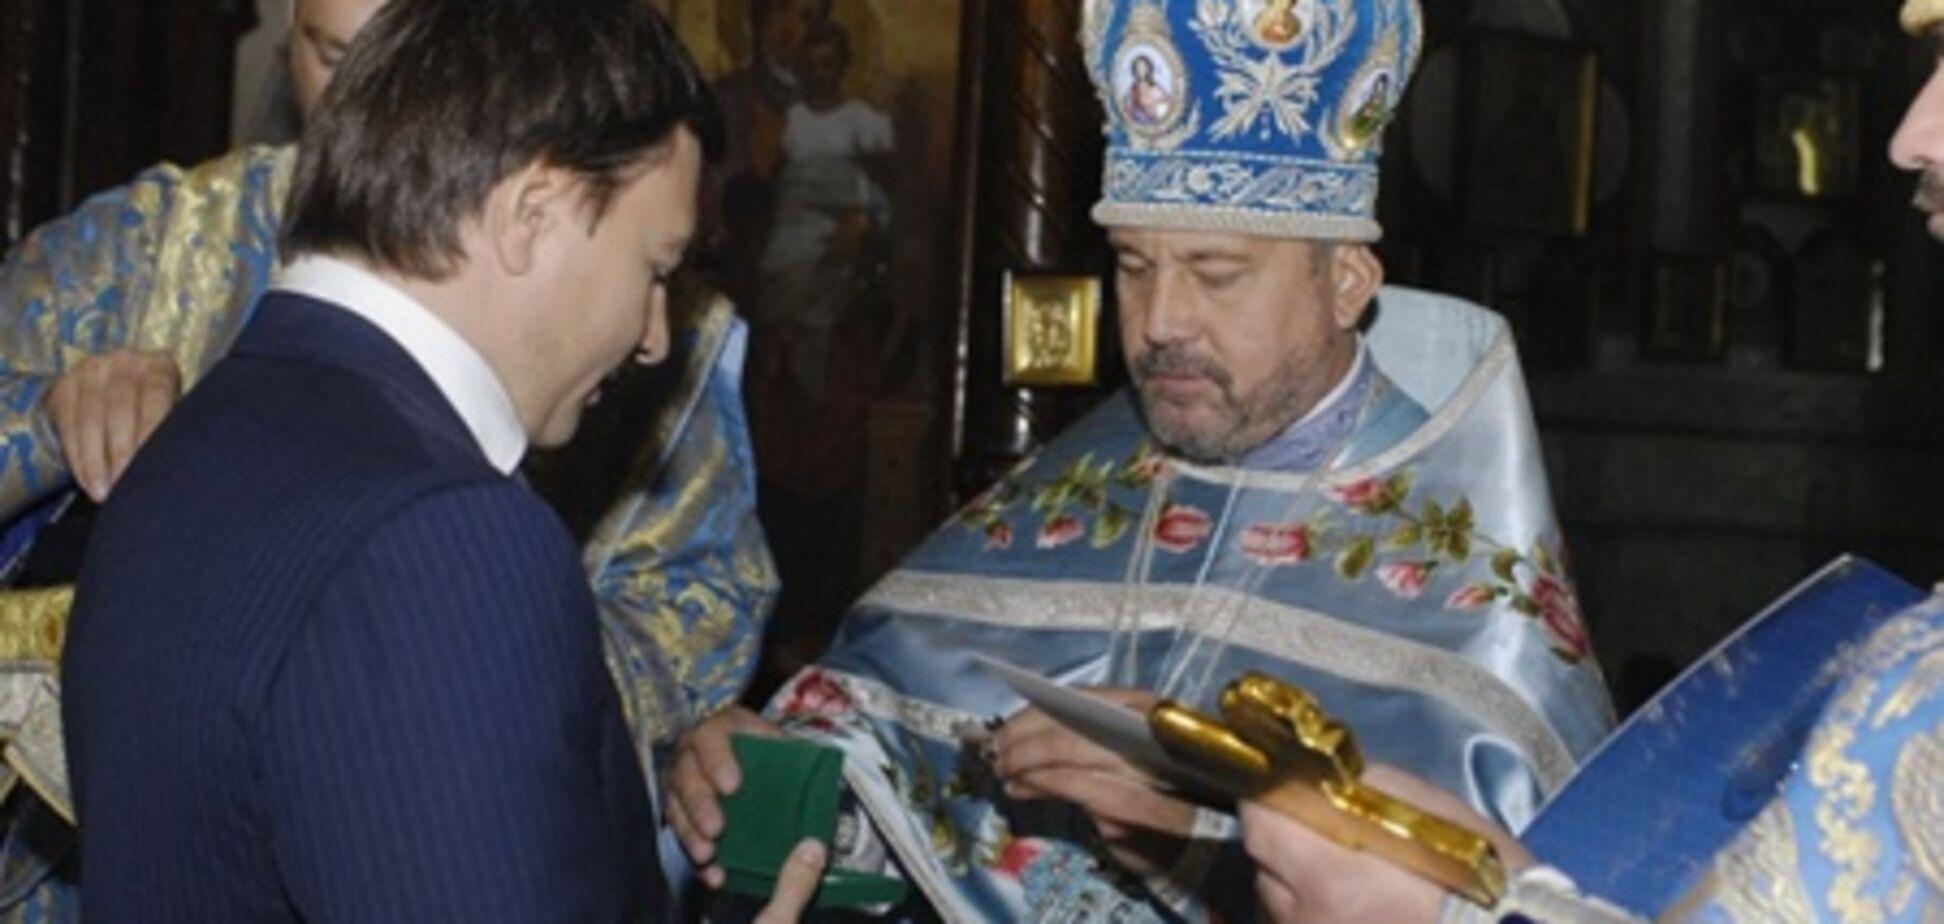 Вадим Кисель стал полным кавалером Ордена святого князя Владимира